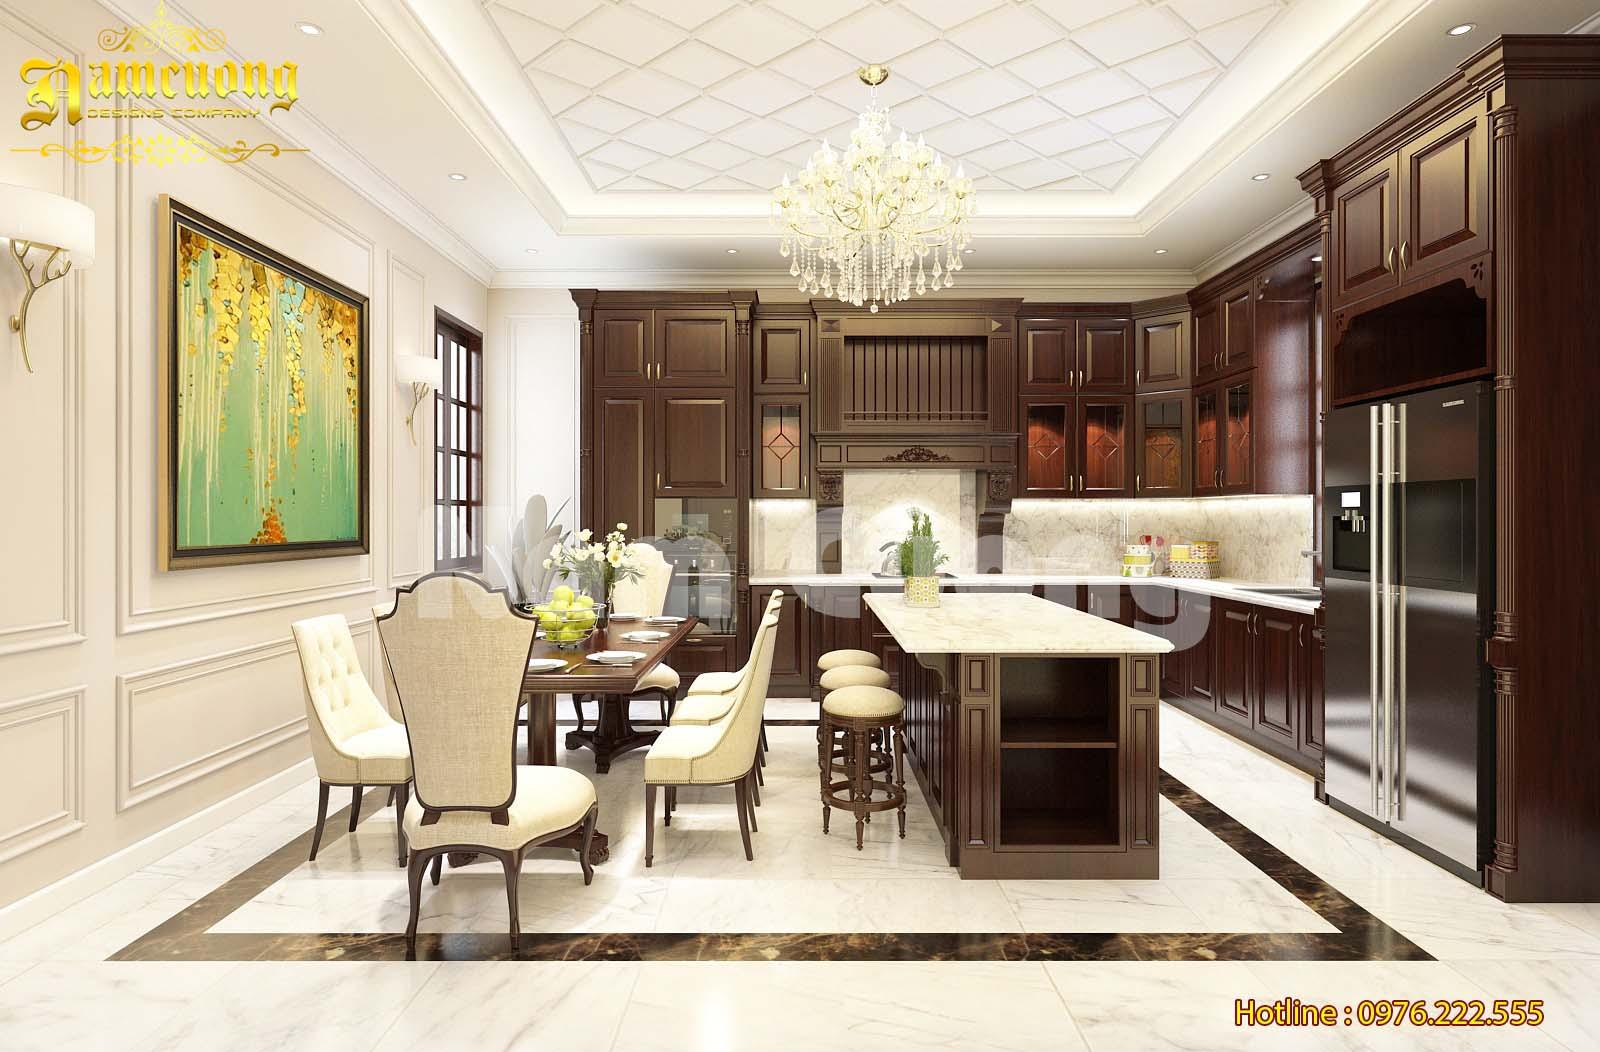 Thiết kế nội thất gỗ tự nhiên cho ngôi biệt thự